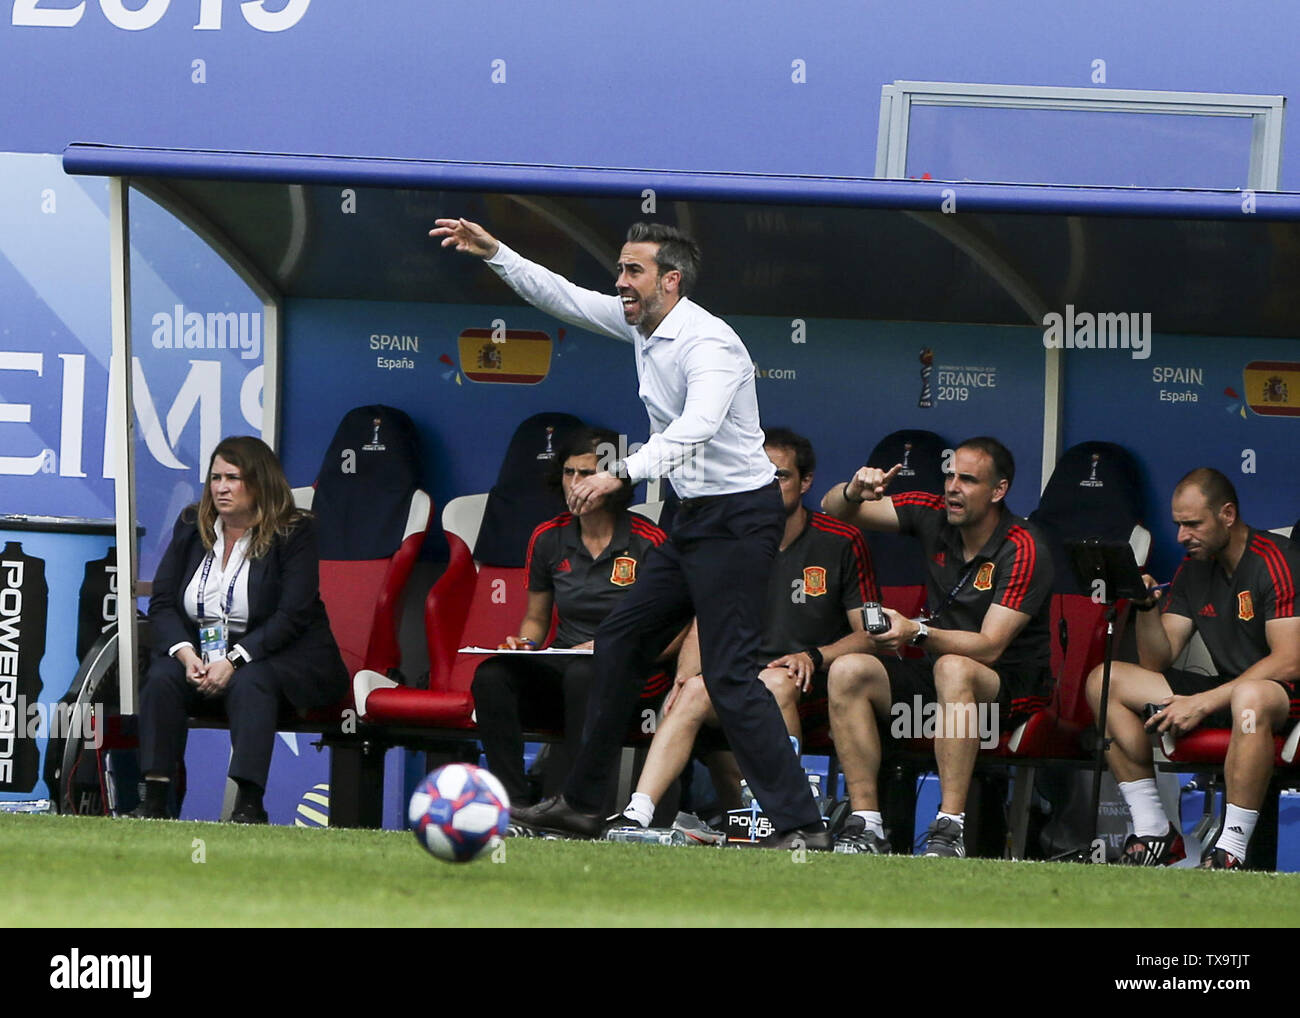 Junio 24, 2019 - Jorge Vilda, entrenador del equipo de España, Francia durante la Copa Mundial Femenina 2019 octavos de final del partido de fútbol entre España y EE.UU., el 24 de junio de 2019, en el estadio Auguste-Delaune en Reims, en el norte de Francia. (Crédito de la Imagen: © Elyxandro CegarraZUMA Wire) Imagen De Stock